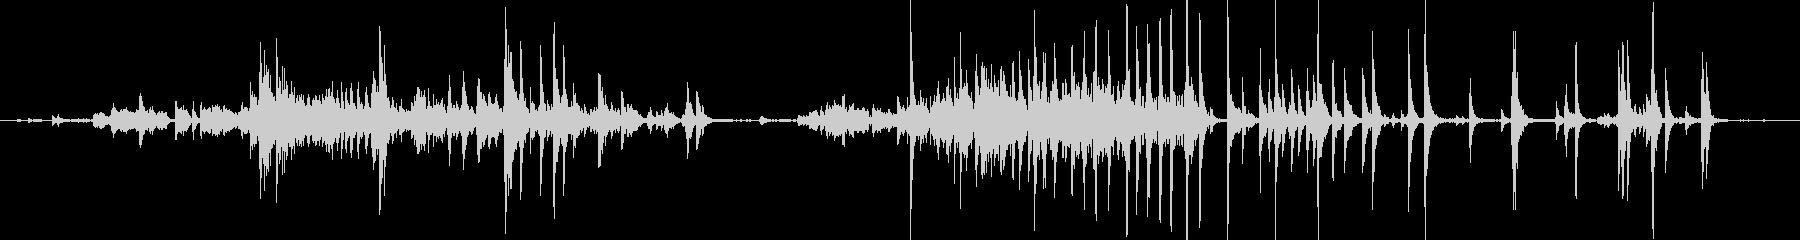 メタル クリークストレスミディアム02の未再生の波形